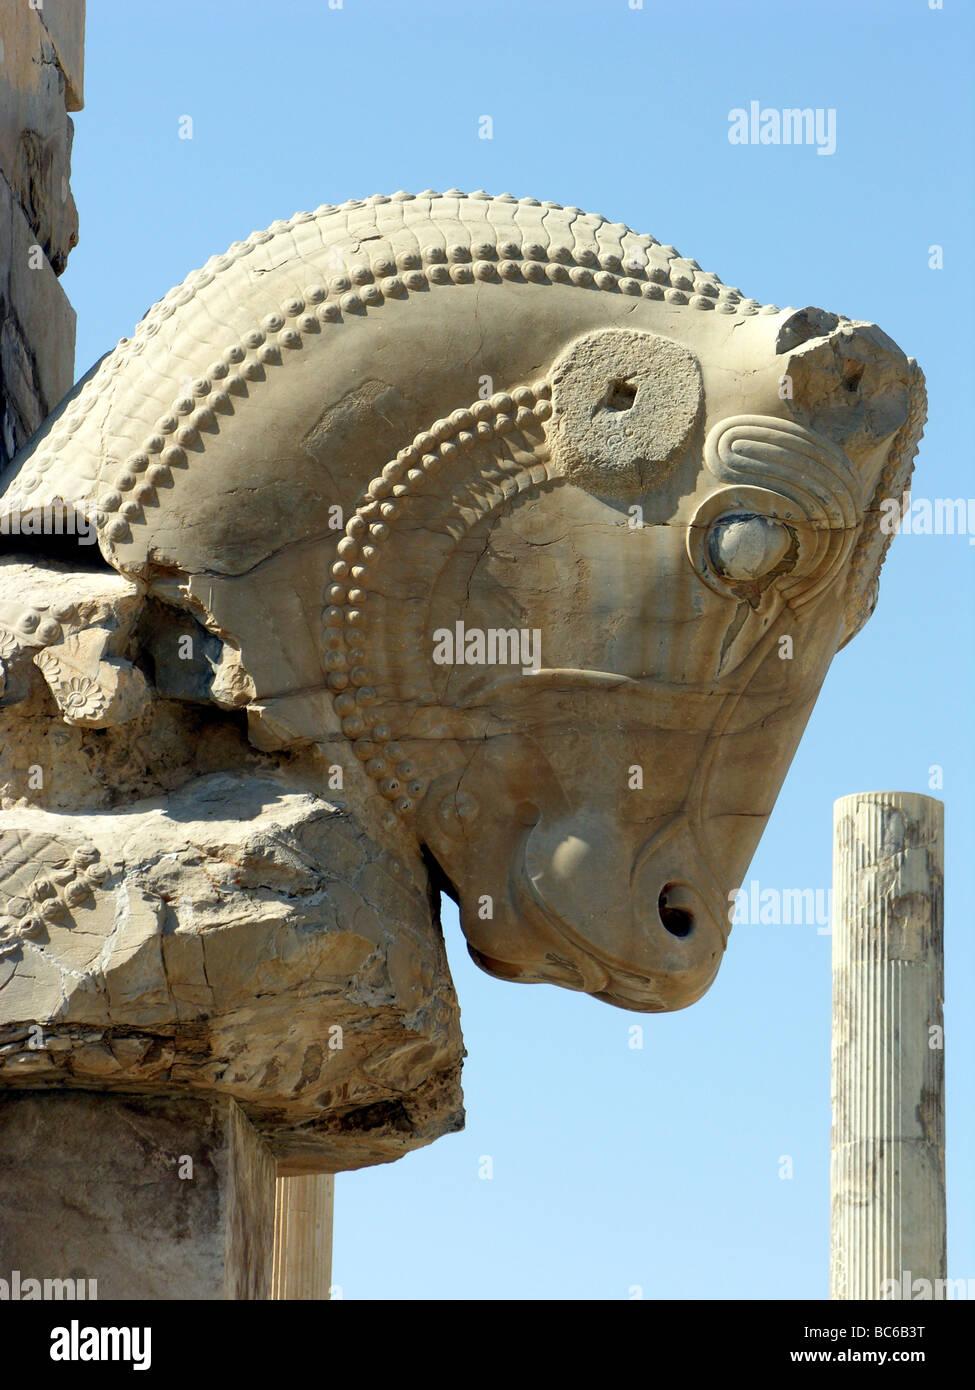 Estatua de cabeza de toro en Persépolis, Irán Foto de stock